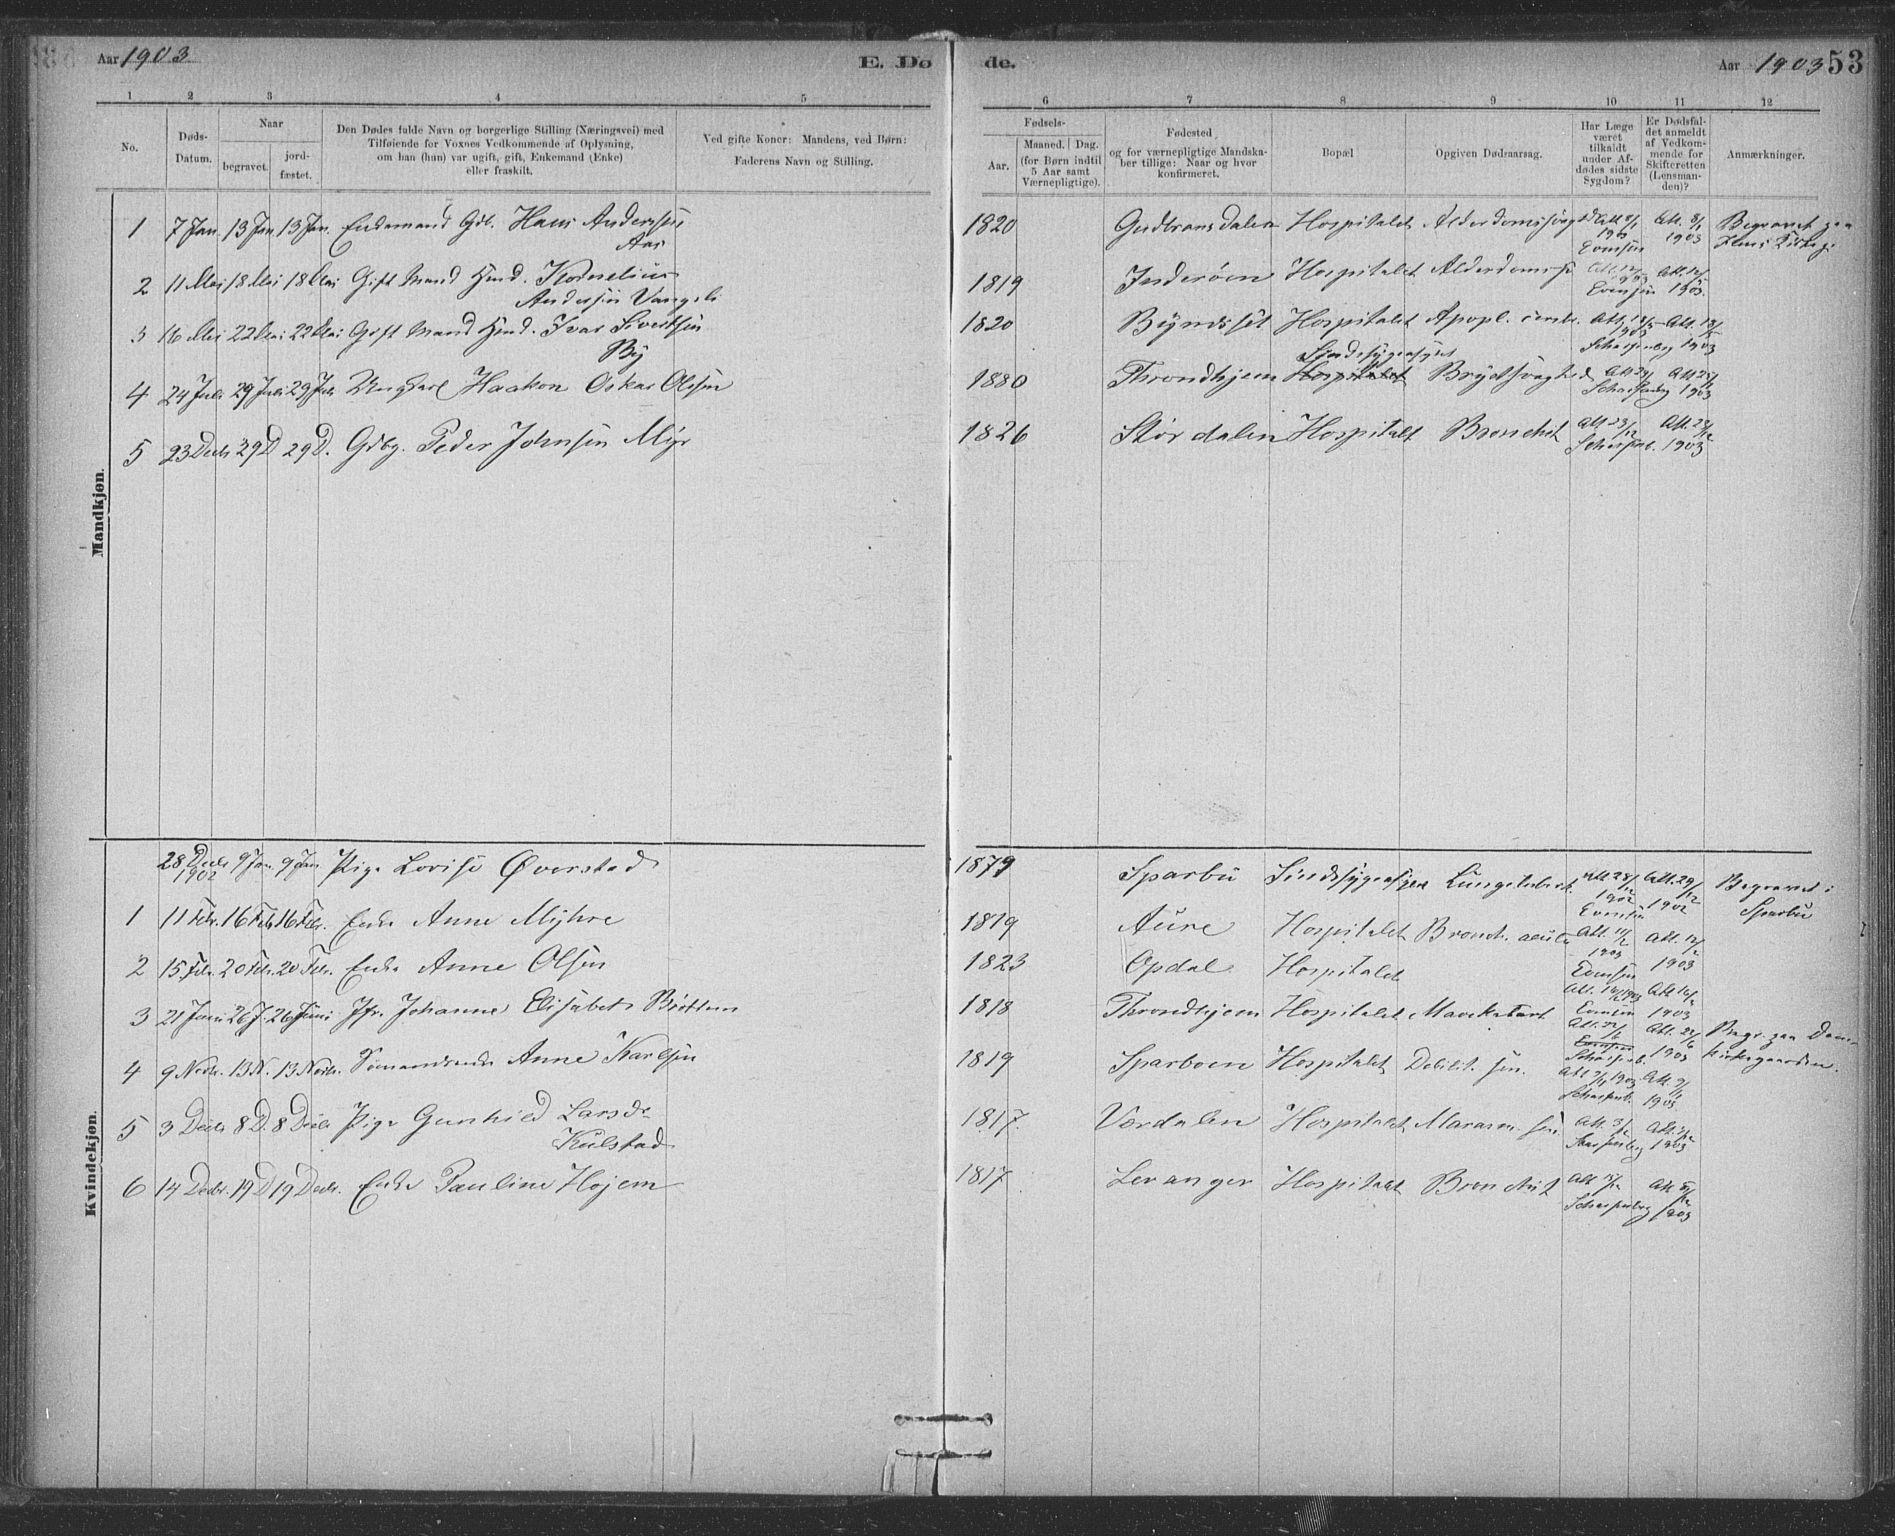 SAT, Ministerialprotokoller, klokkerbøker og fødselsregistre - Sør-Trøndelag, 623/L0470: Ministerialbok nr. 623A04, 1884-1938, s. 53